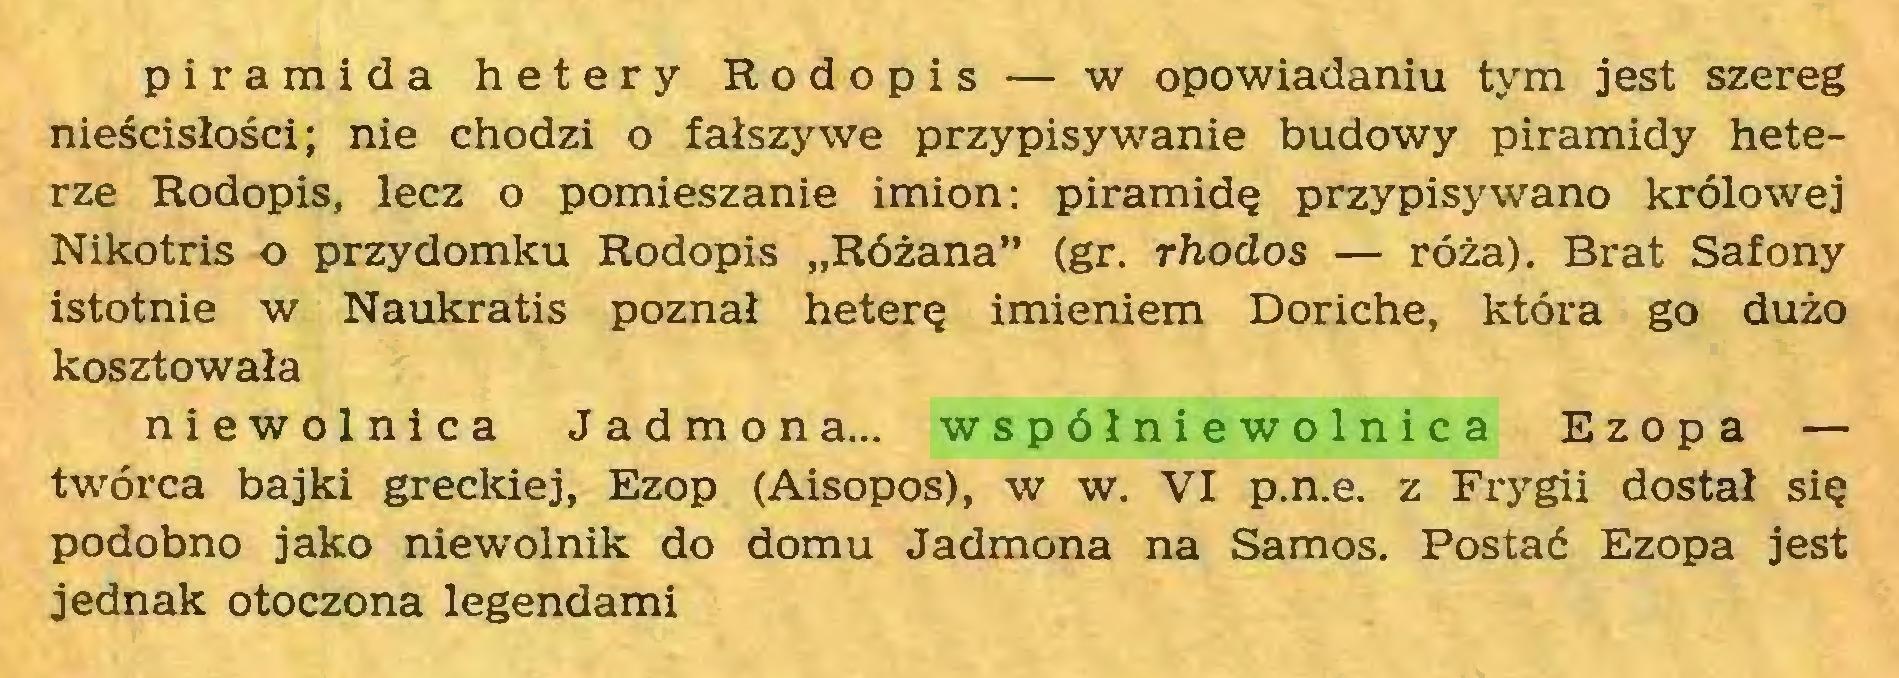 """(...) piramida hetery Rodopis — w opowiadaniu tym jest szereg nieścisłości; nie chodzi o fałszywe przypisywanie budowy piramidy heterze Rodopis, lecz o pomieszanie imion: piramidę przypisywano królowej Nikotris o przydomku Rodopis """"Różana"""" (gr. rhodos — róża). Brat Safony istotnie w Naukratis poznał heterę imieniem Doriche, która go dużo kosztowała niewolnica Jadmon a... współniewolnica Ezopa — twórca bajki greckiej, Ezop (Aisopos), w w. VI p.n.e. z Frygii dostał się podobno jako niewolnik do domu Jadmona na Samos. Postać Ezopa jest jednak otoczona legendami..."""